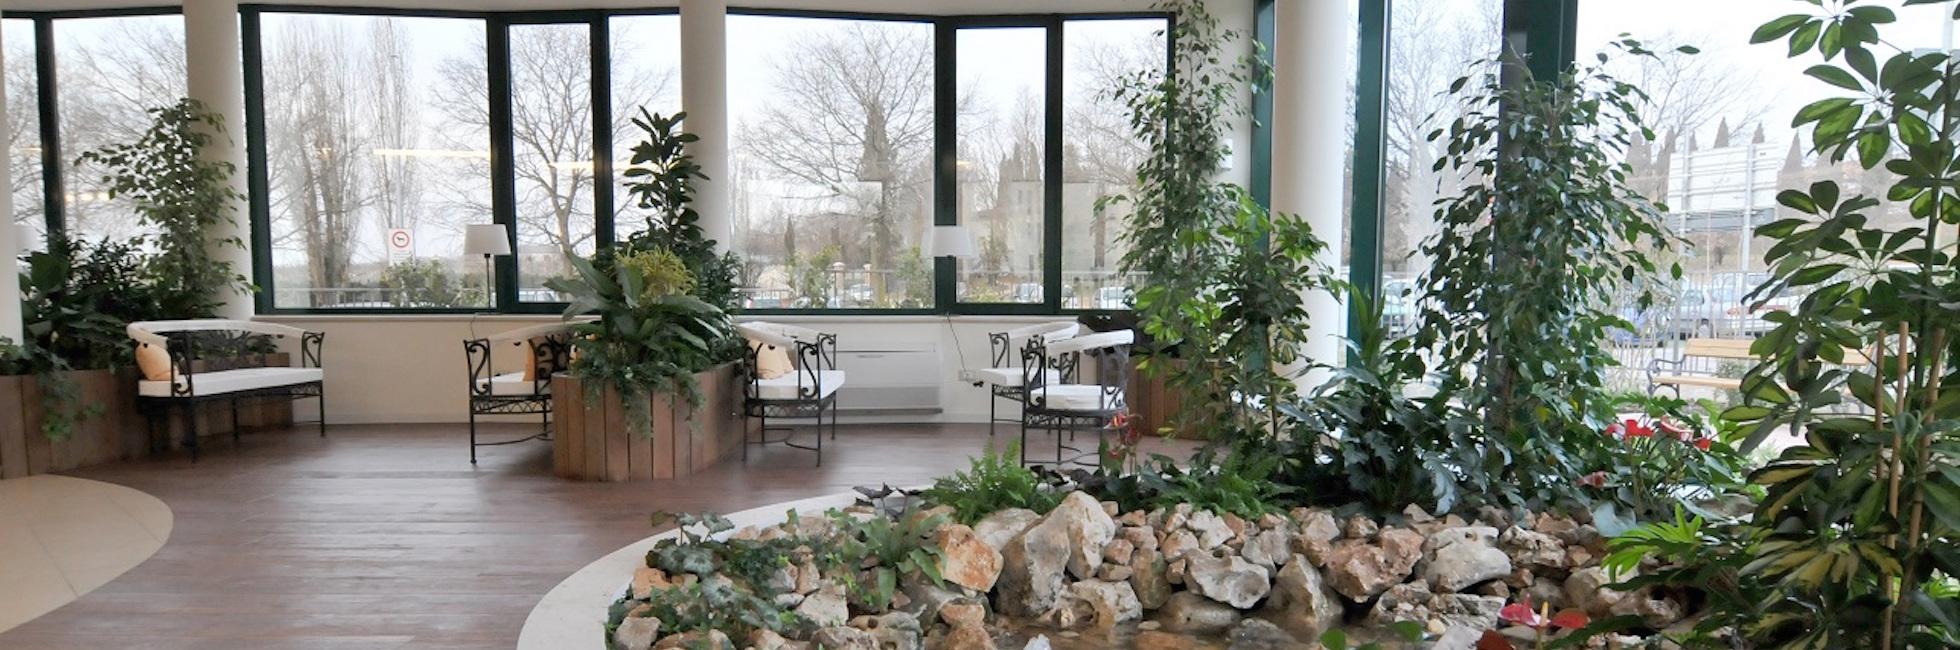 giardino_dinverno